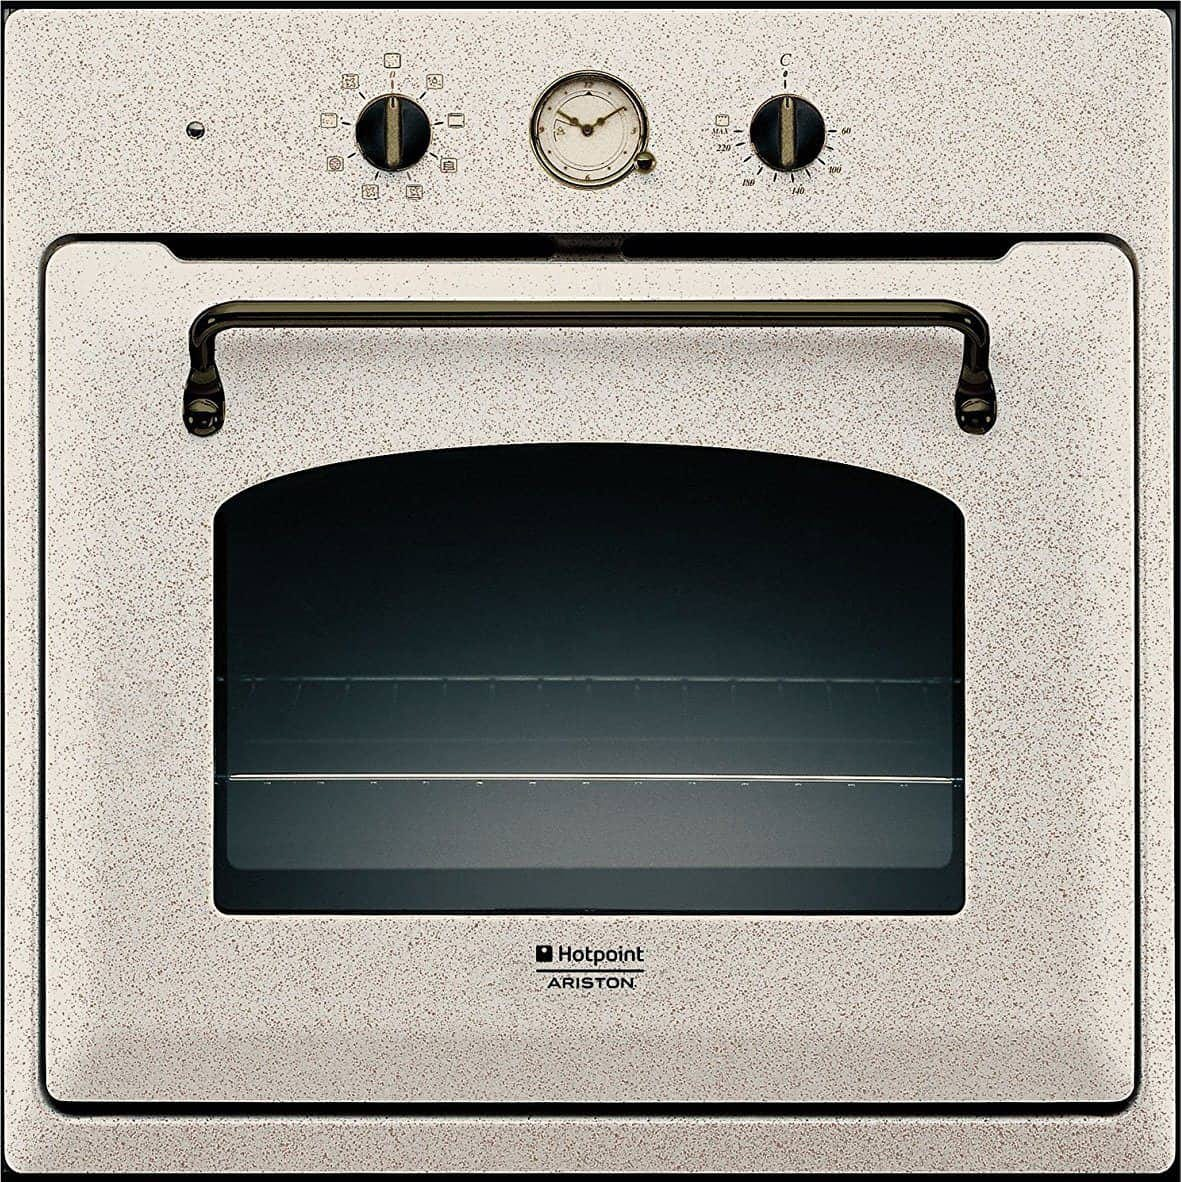 Forno ariston ft 850 1 av ha serie tradizione forno - Forno da incasso elettrico ...